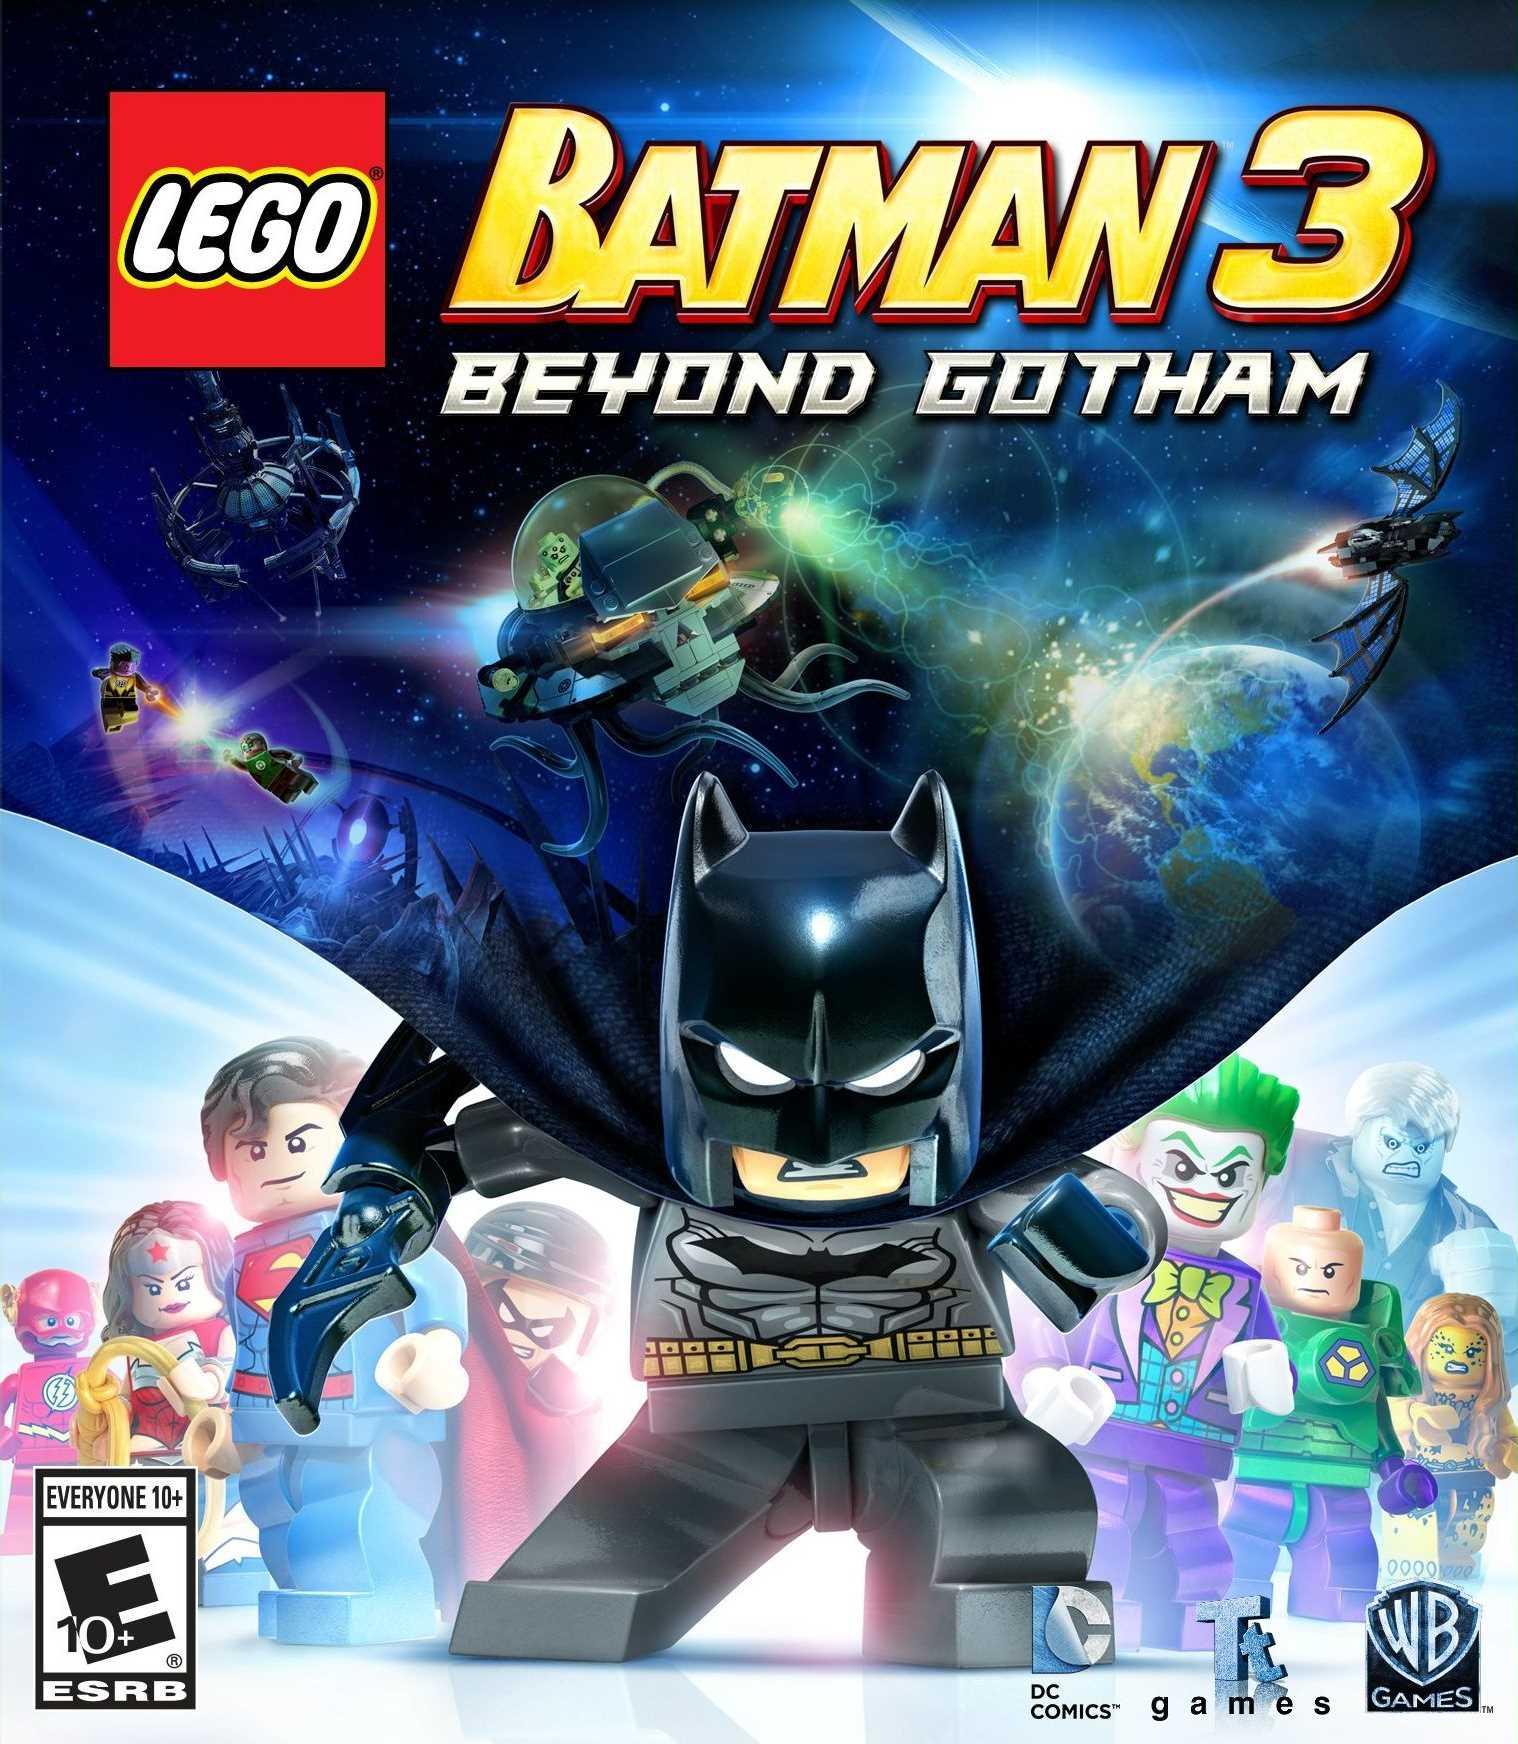 Batman Beyond Lego Sets LEGO Batman Beyond Got...